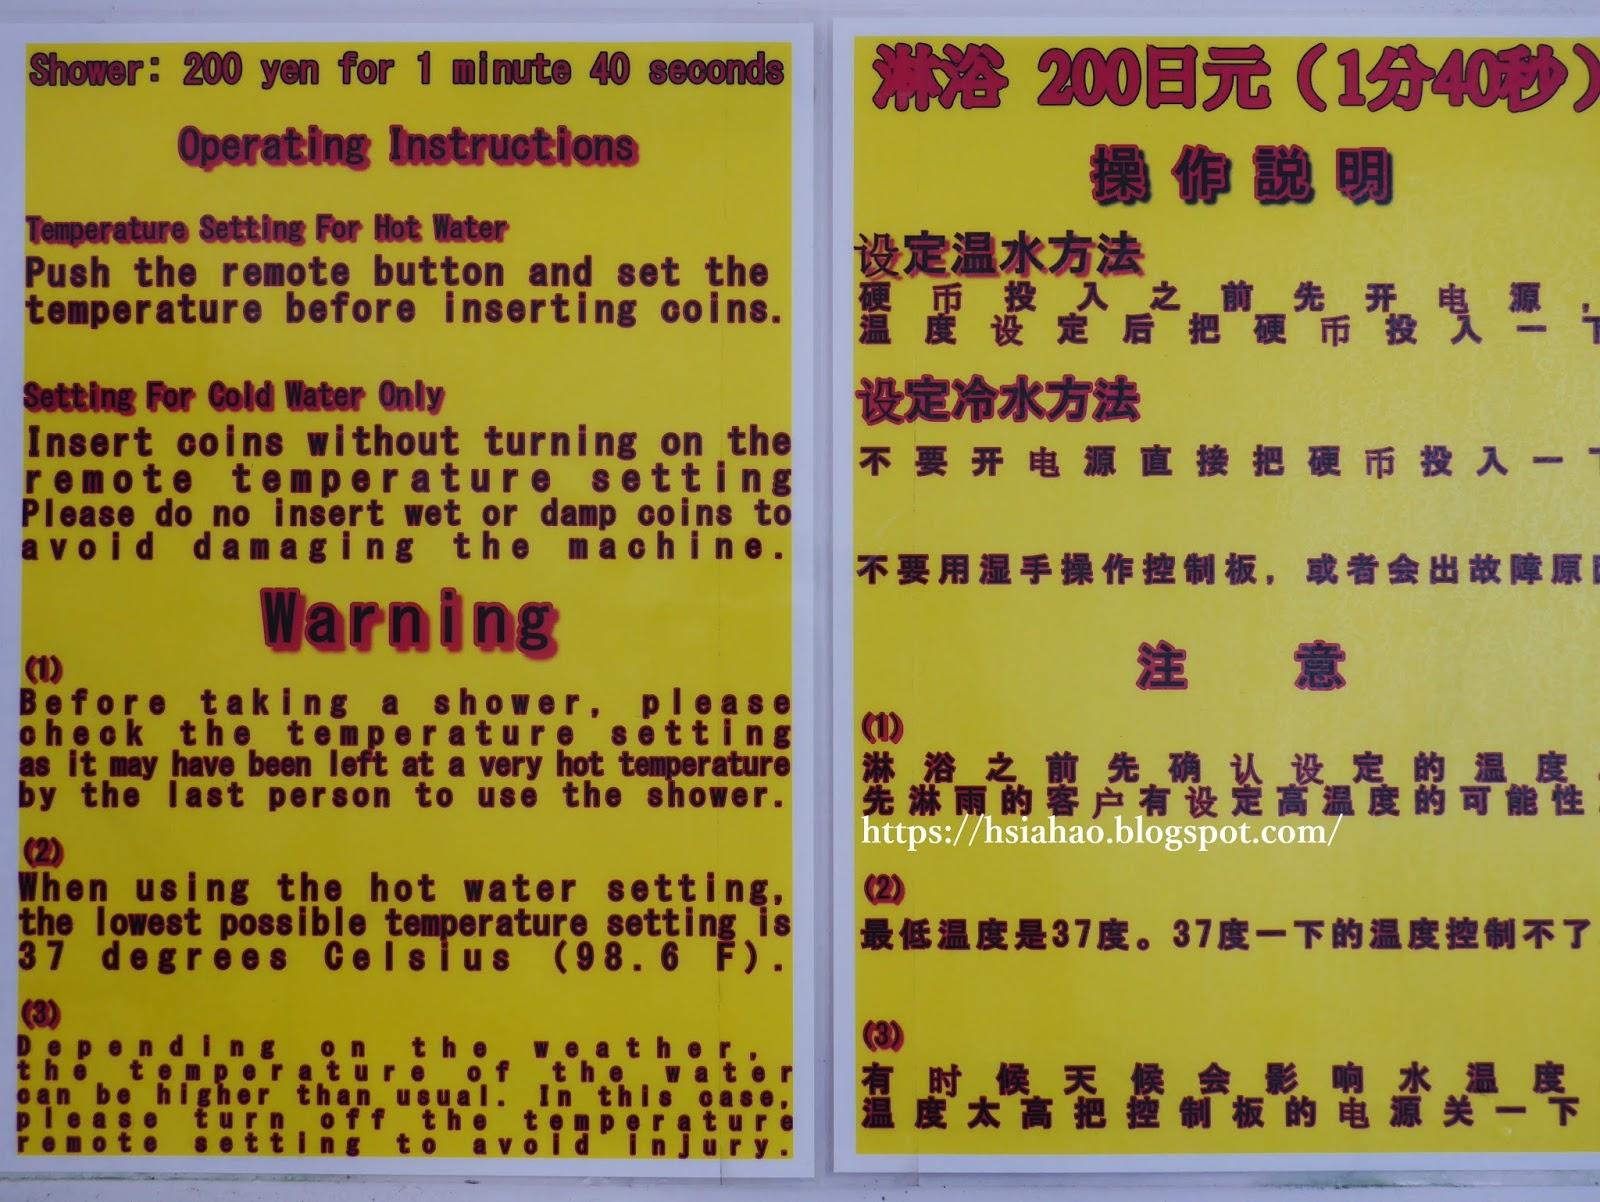 沖繩-推薦-景點-真榮田岬-青之洞窟-潛水-浮潛-淋浴間-青の洞窟-自由行-旅遊-Okinawa-diving-snorkeling-maeda-cape-blue-cave